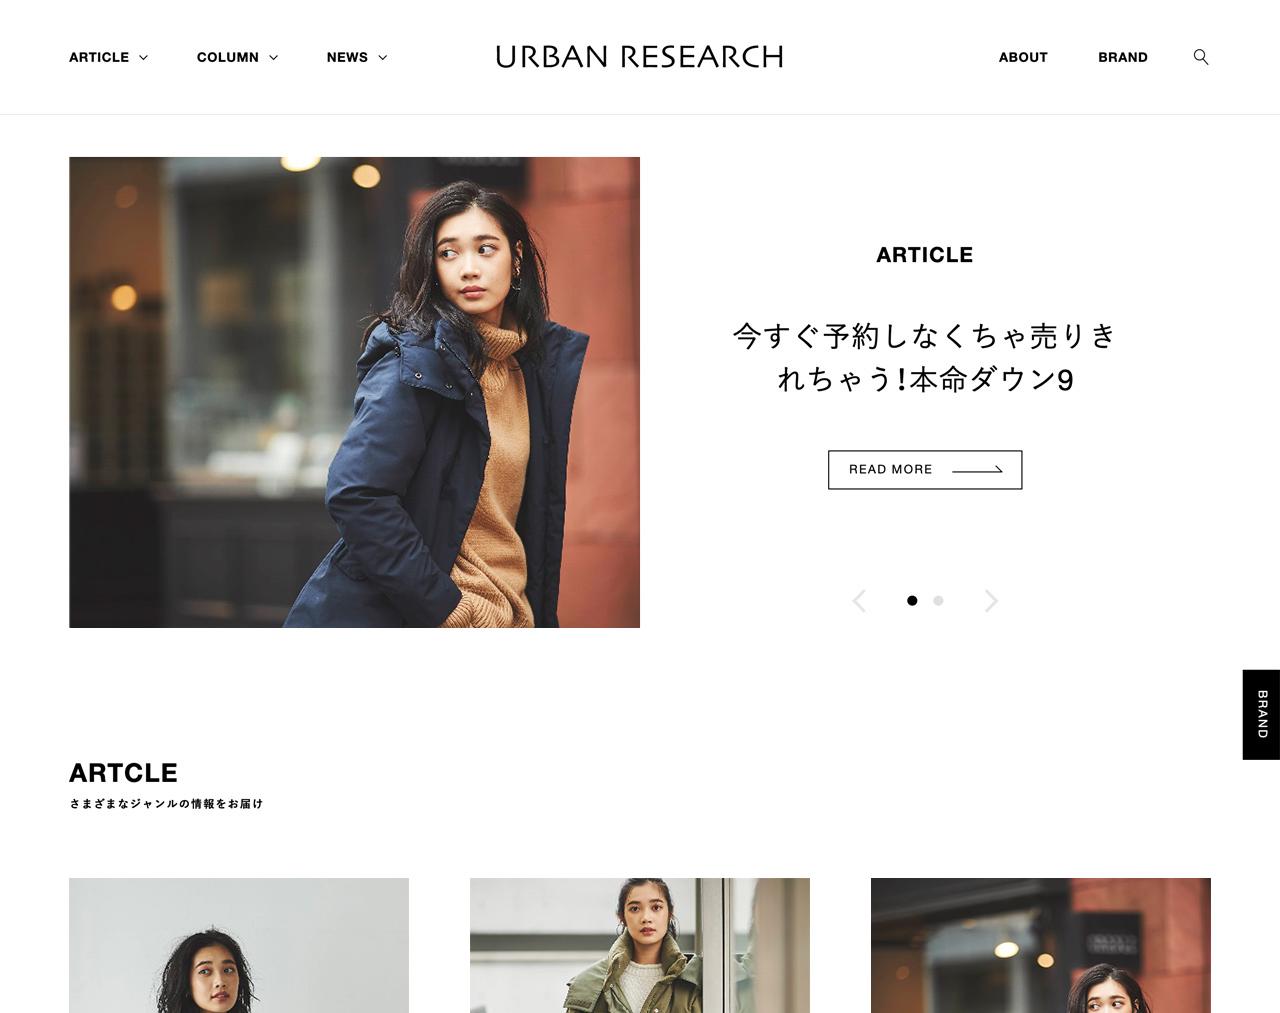 新メディアサイト「URBAN RESEARCH」イメージ